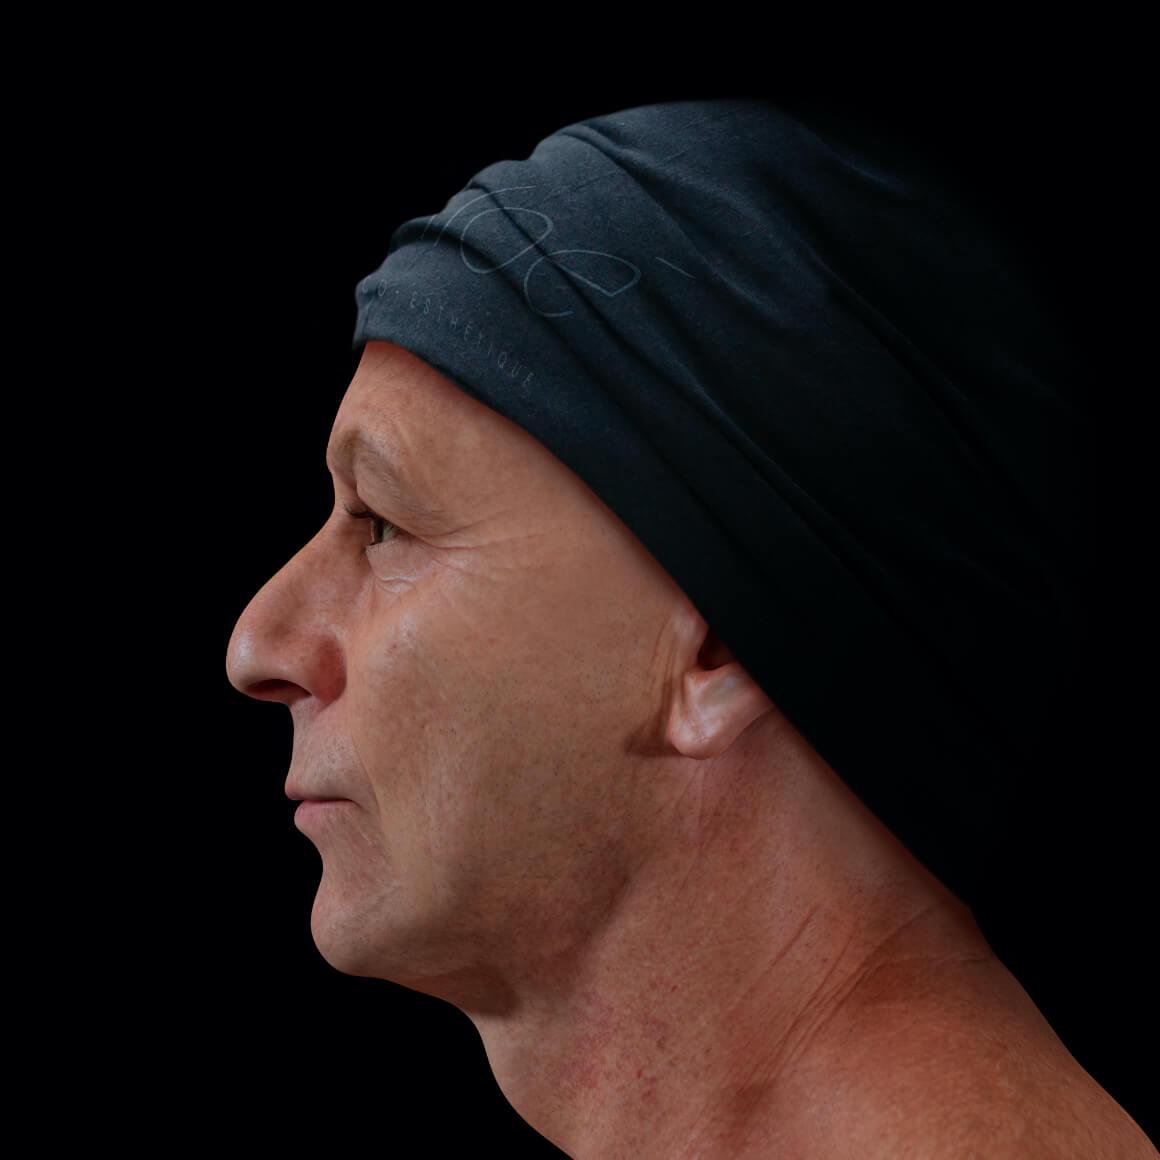 Patient de la Clinique Chloé de côté après des traitements Venus Viva pour traiter des cicatrices d'acné